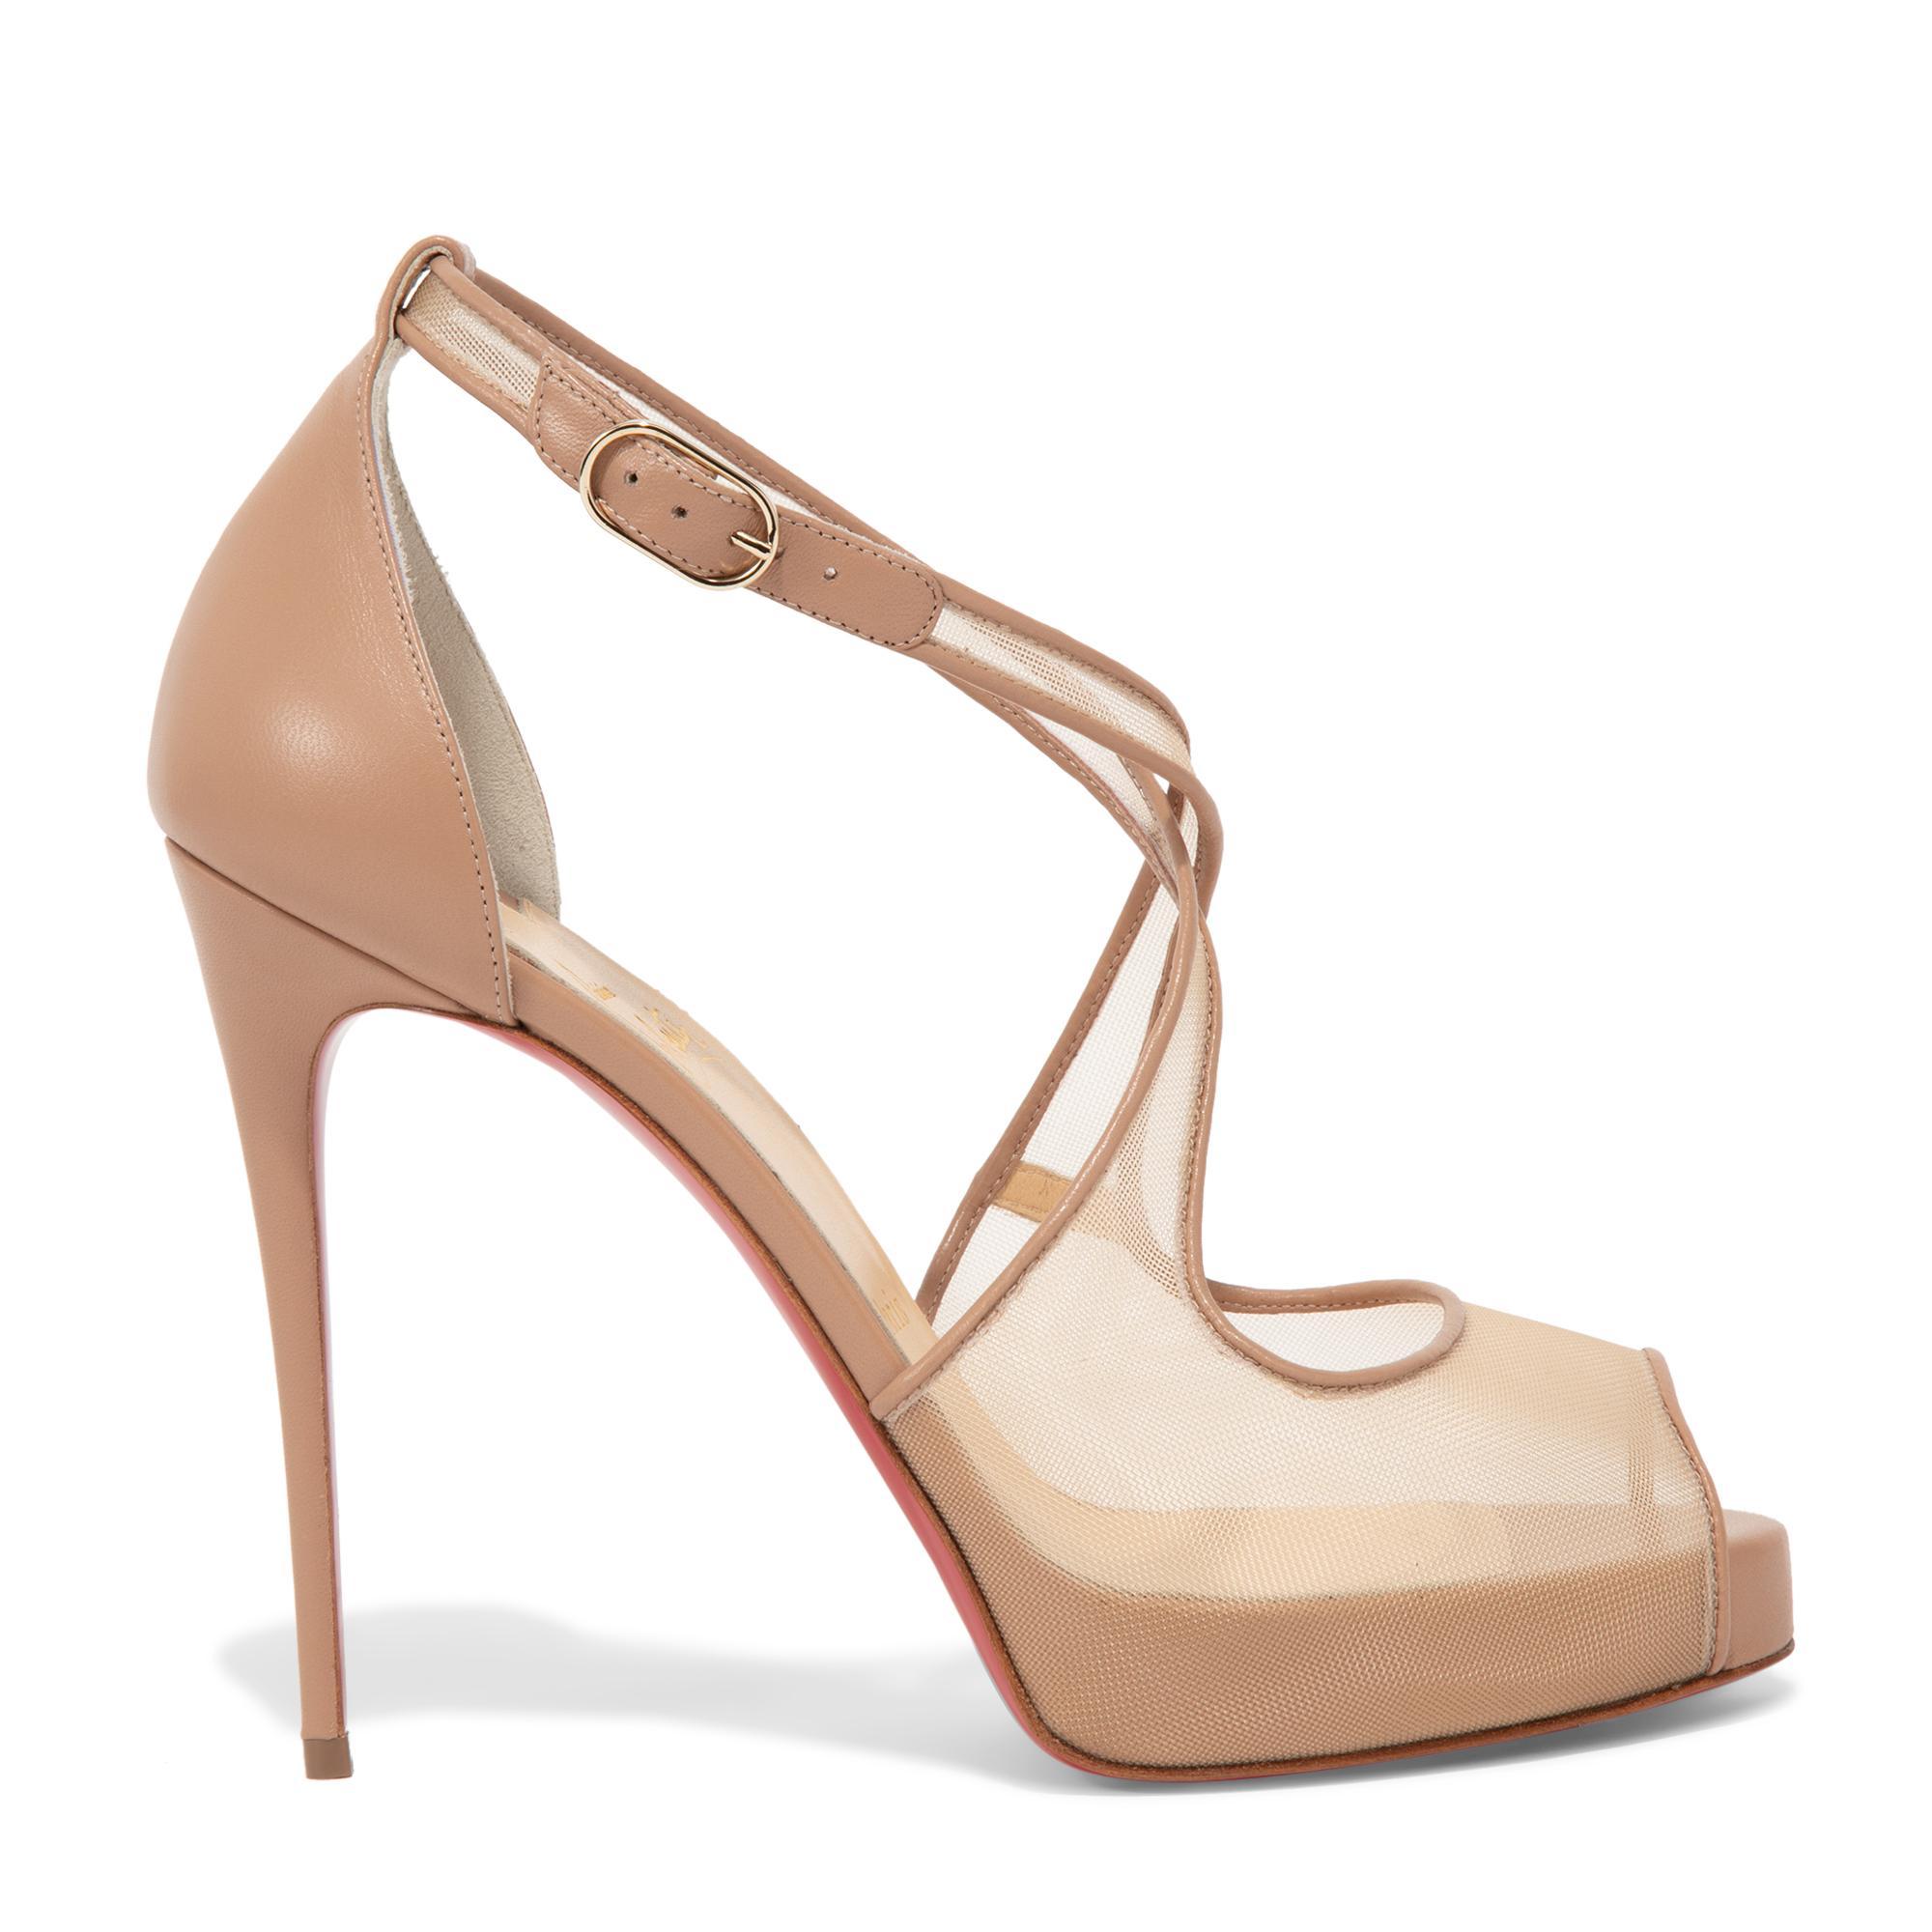 Mariacar 120 sandals